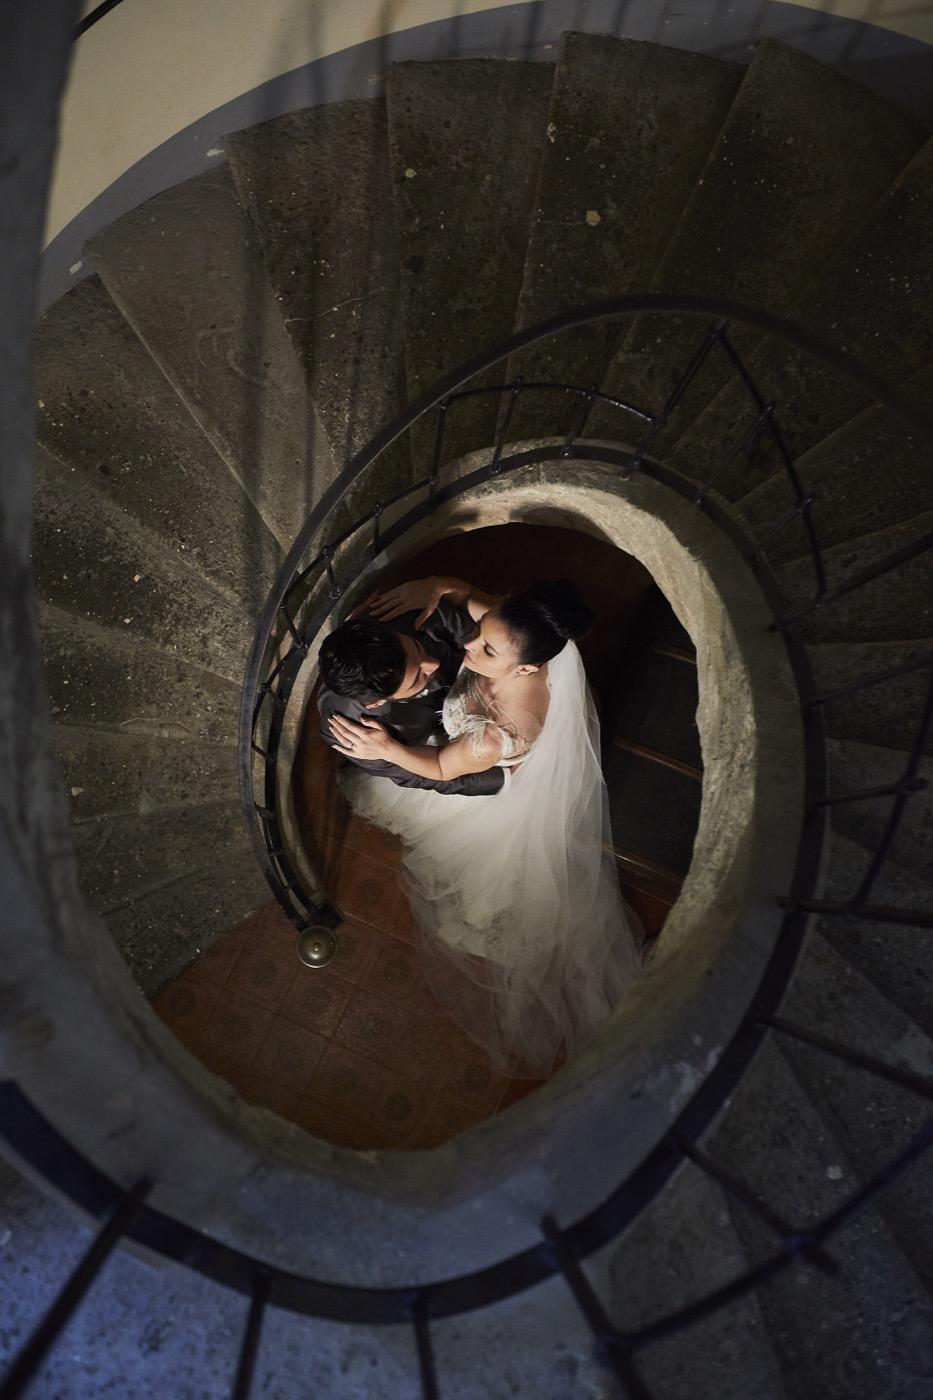 Claudio-Coppola-wedding-photographer-villa-del-cardinale-rocca-di-papa-castel-gandolfo-88